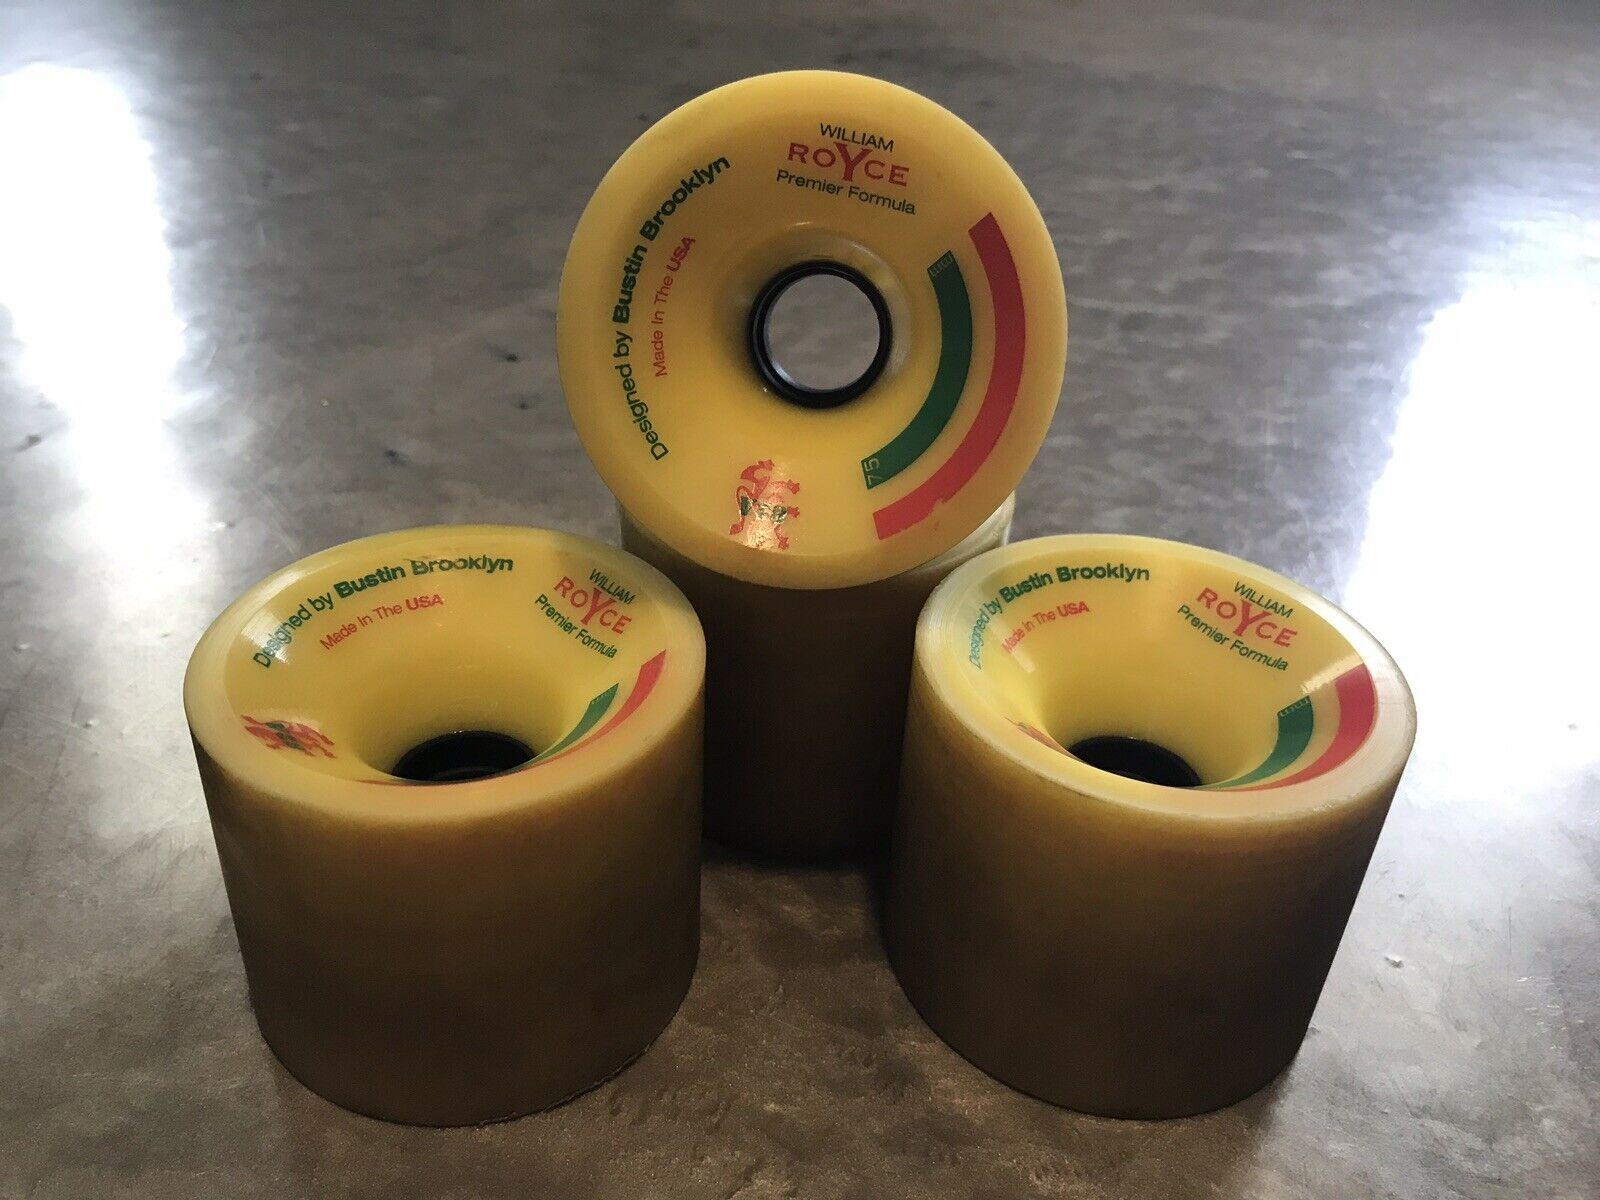 Bustin brooklyn william  royce wheels 75mm  we supply the best